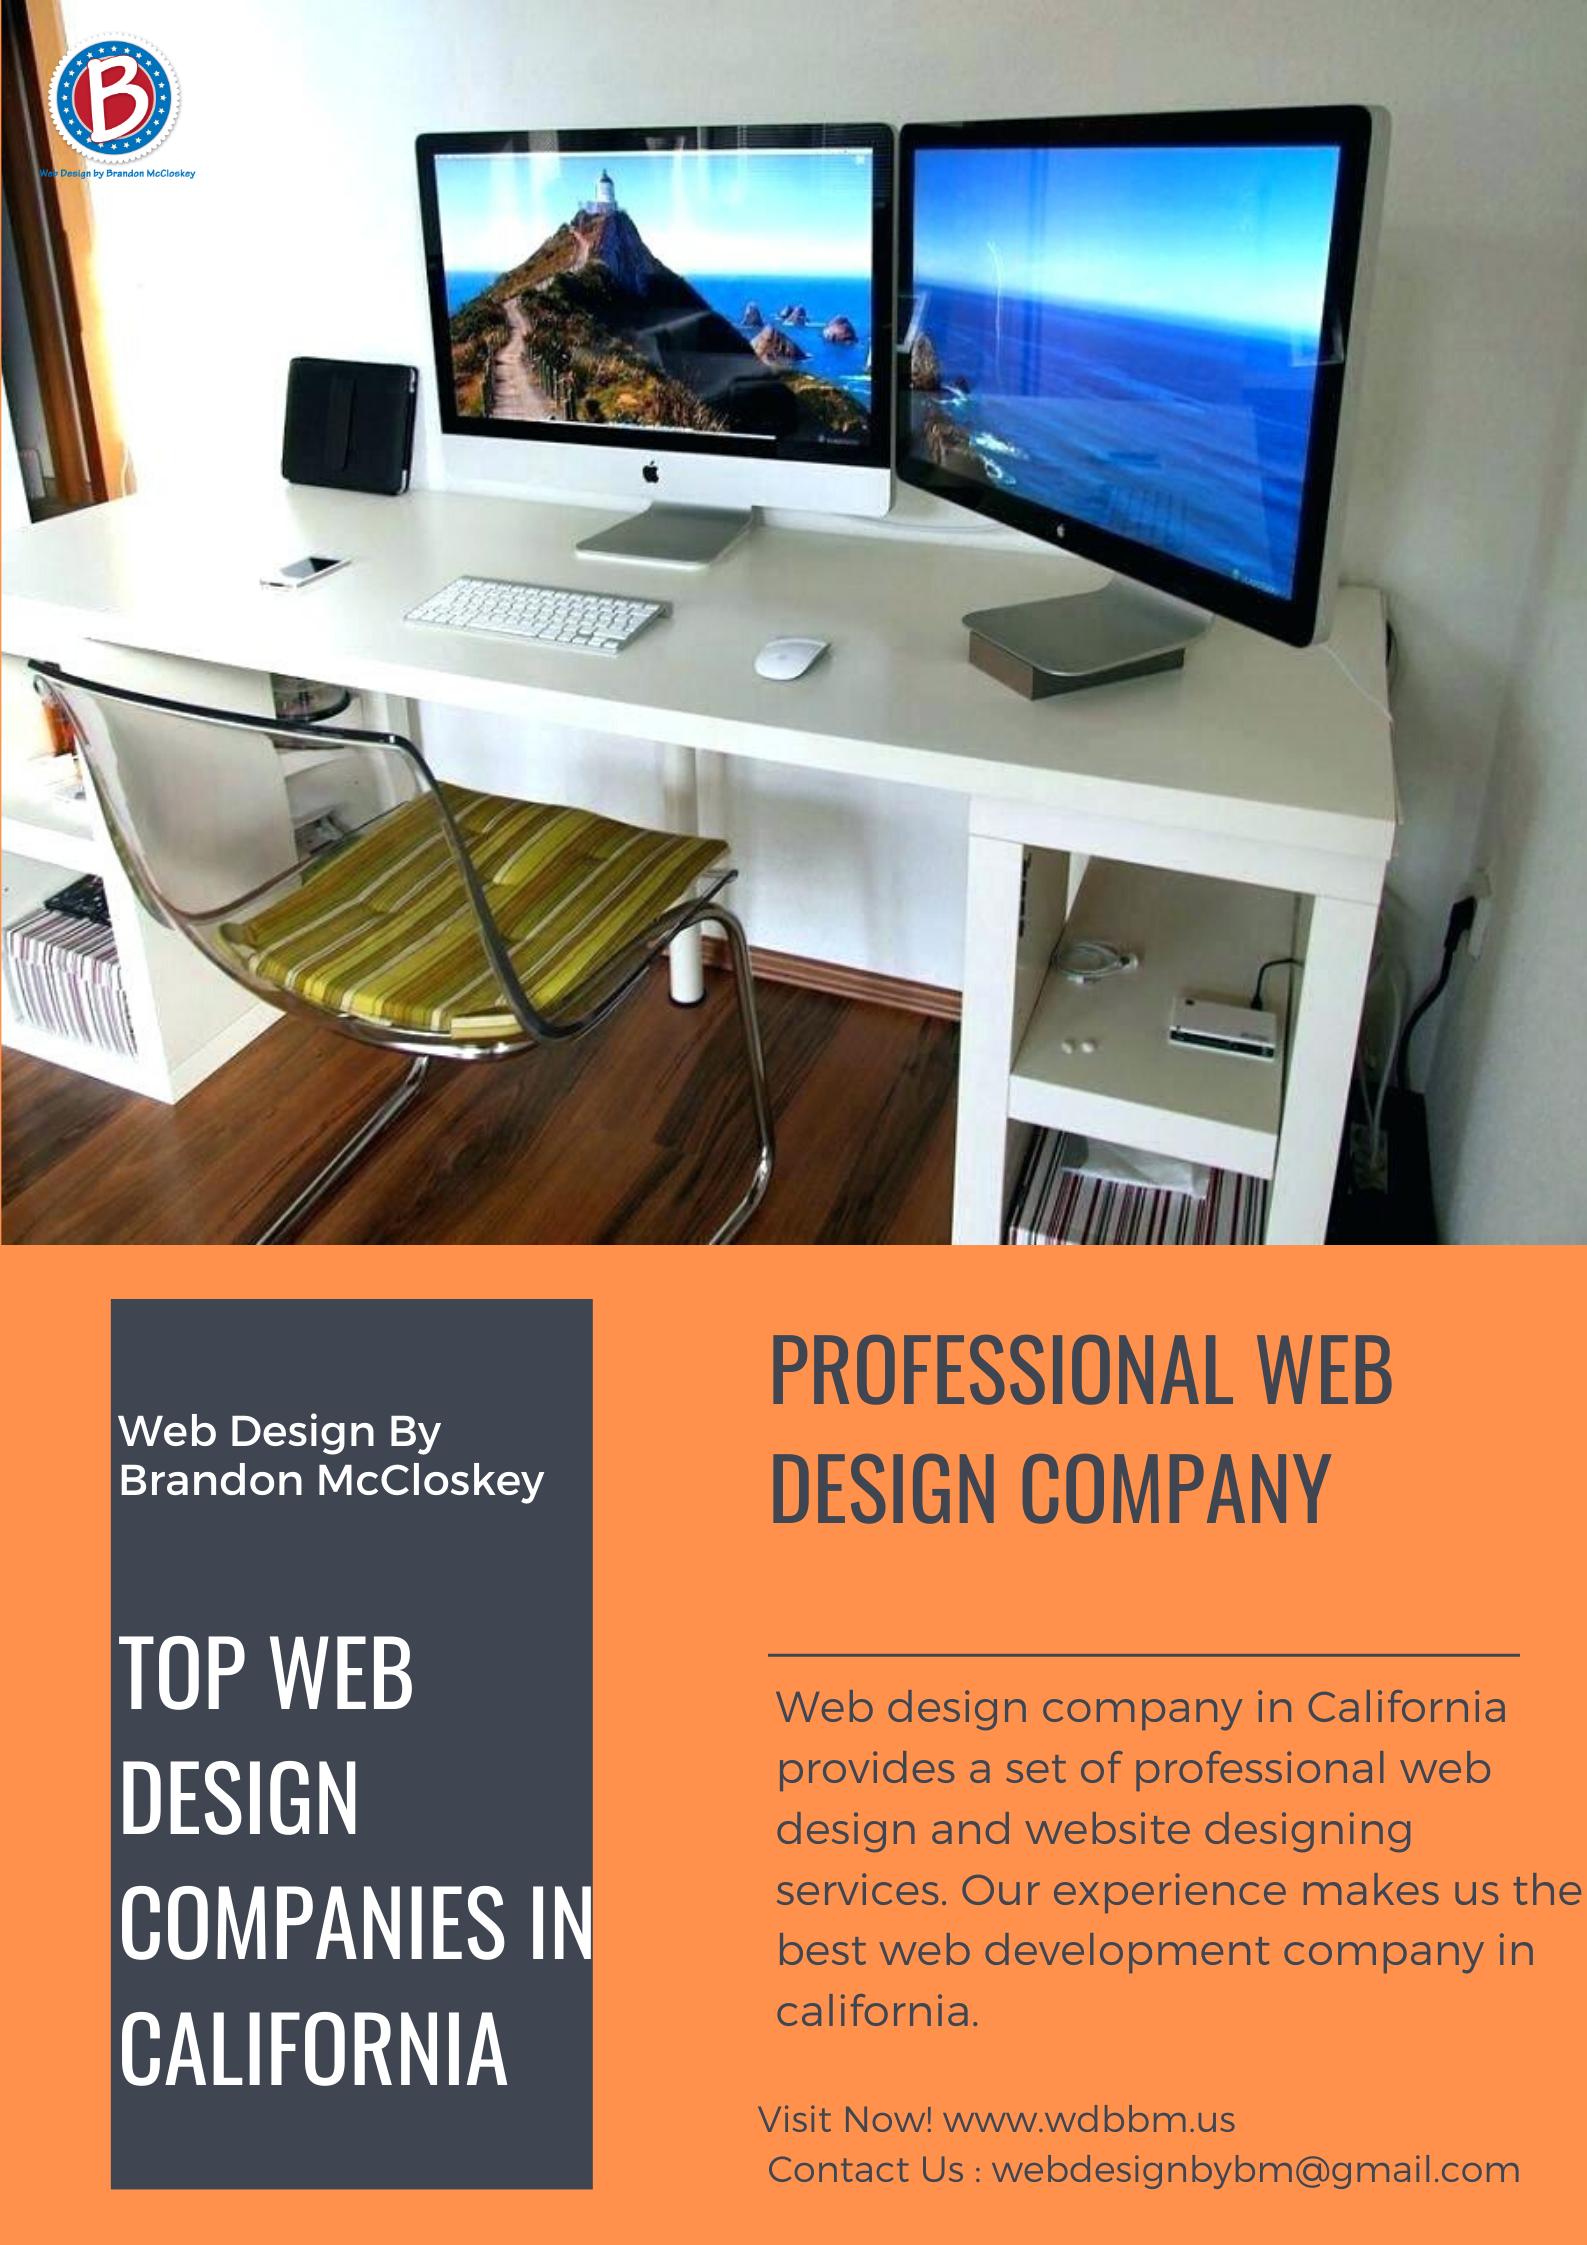 Professional Web Design Company In 2020 Web Design Company Professional Web Design Design Company